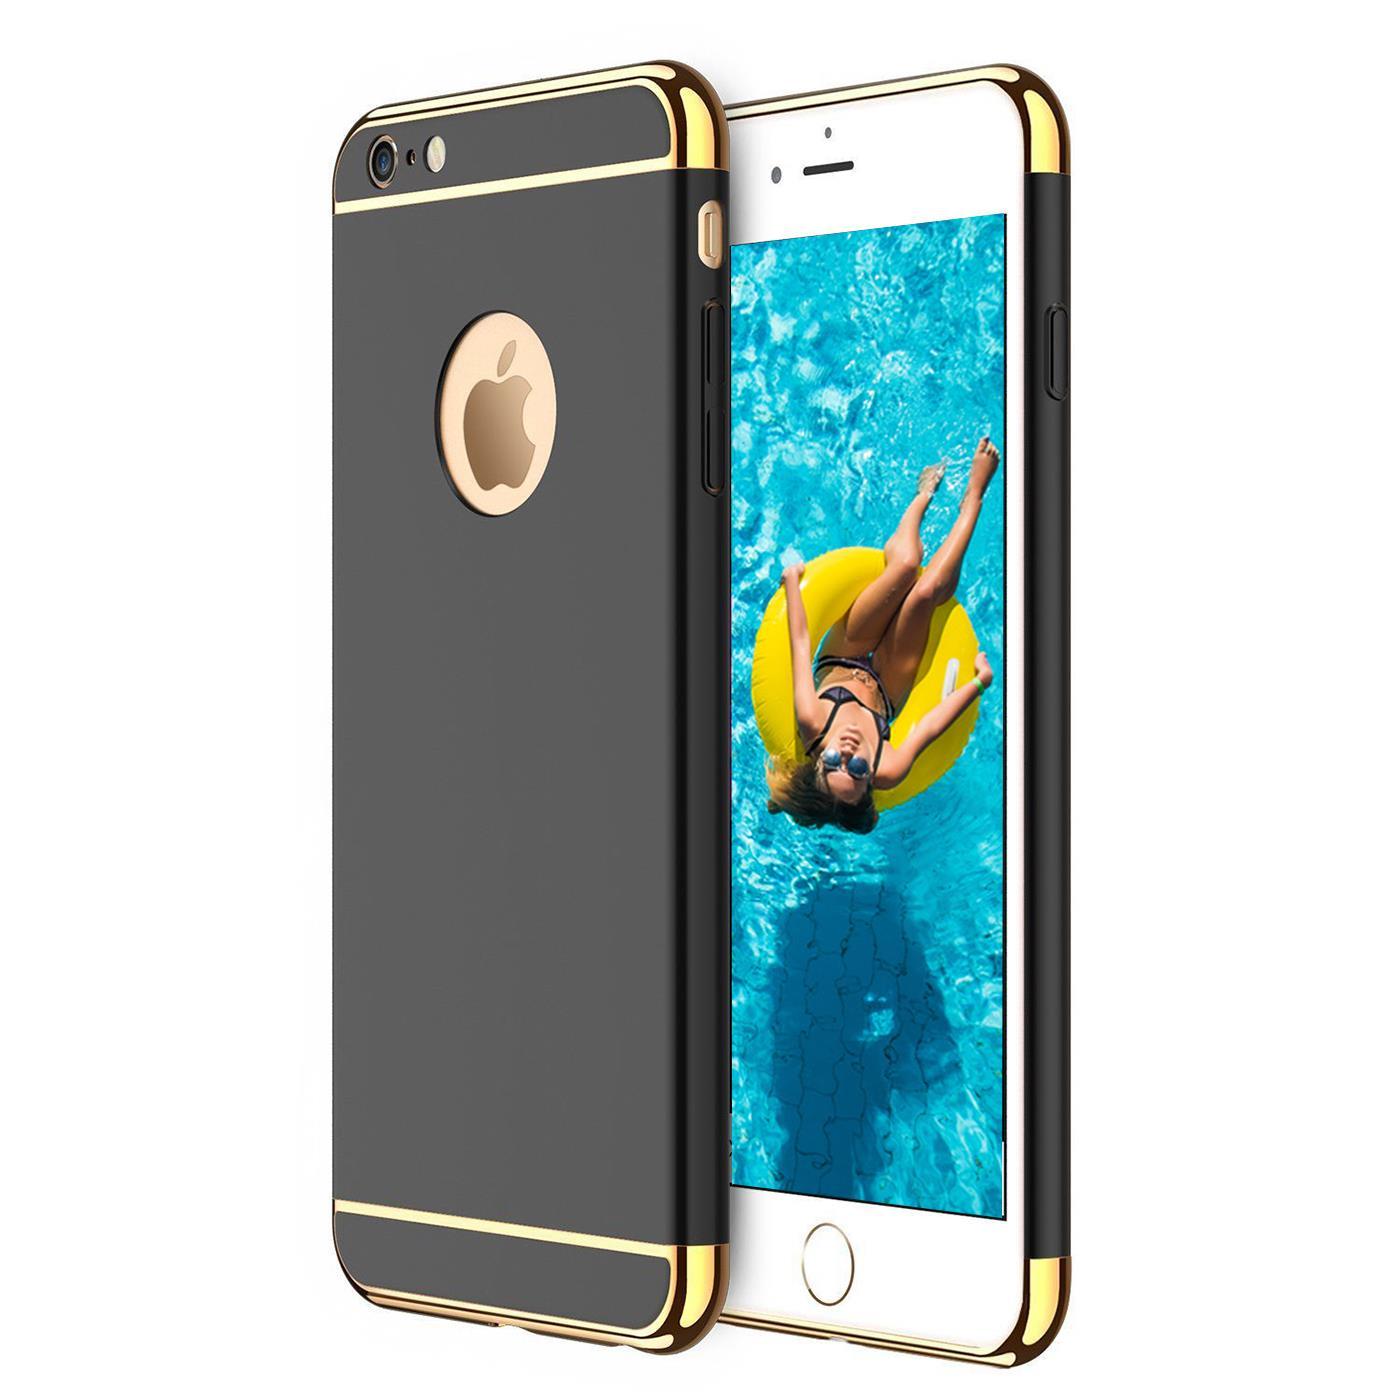 apple iphone 6 6s hybrid cover h lle hardcase handyh lle tasche gold etui case ebay. Black Bedroom Furniture Sets. Home Design Ideas